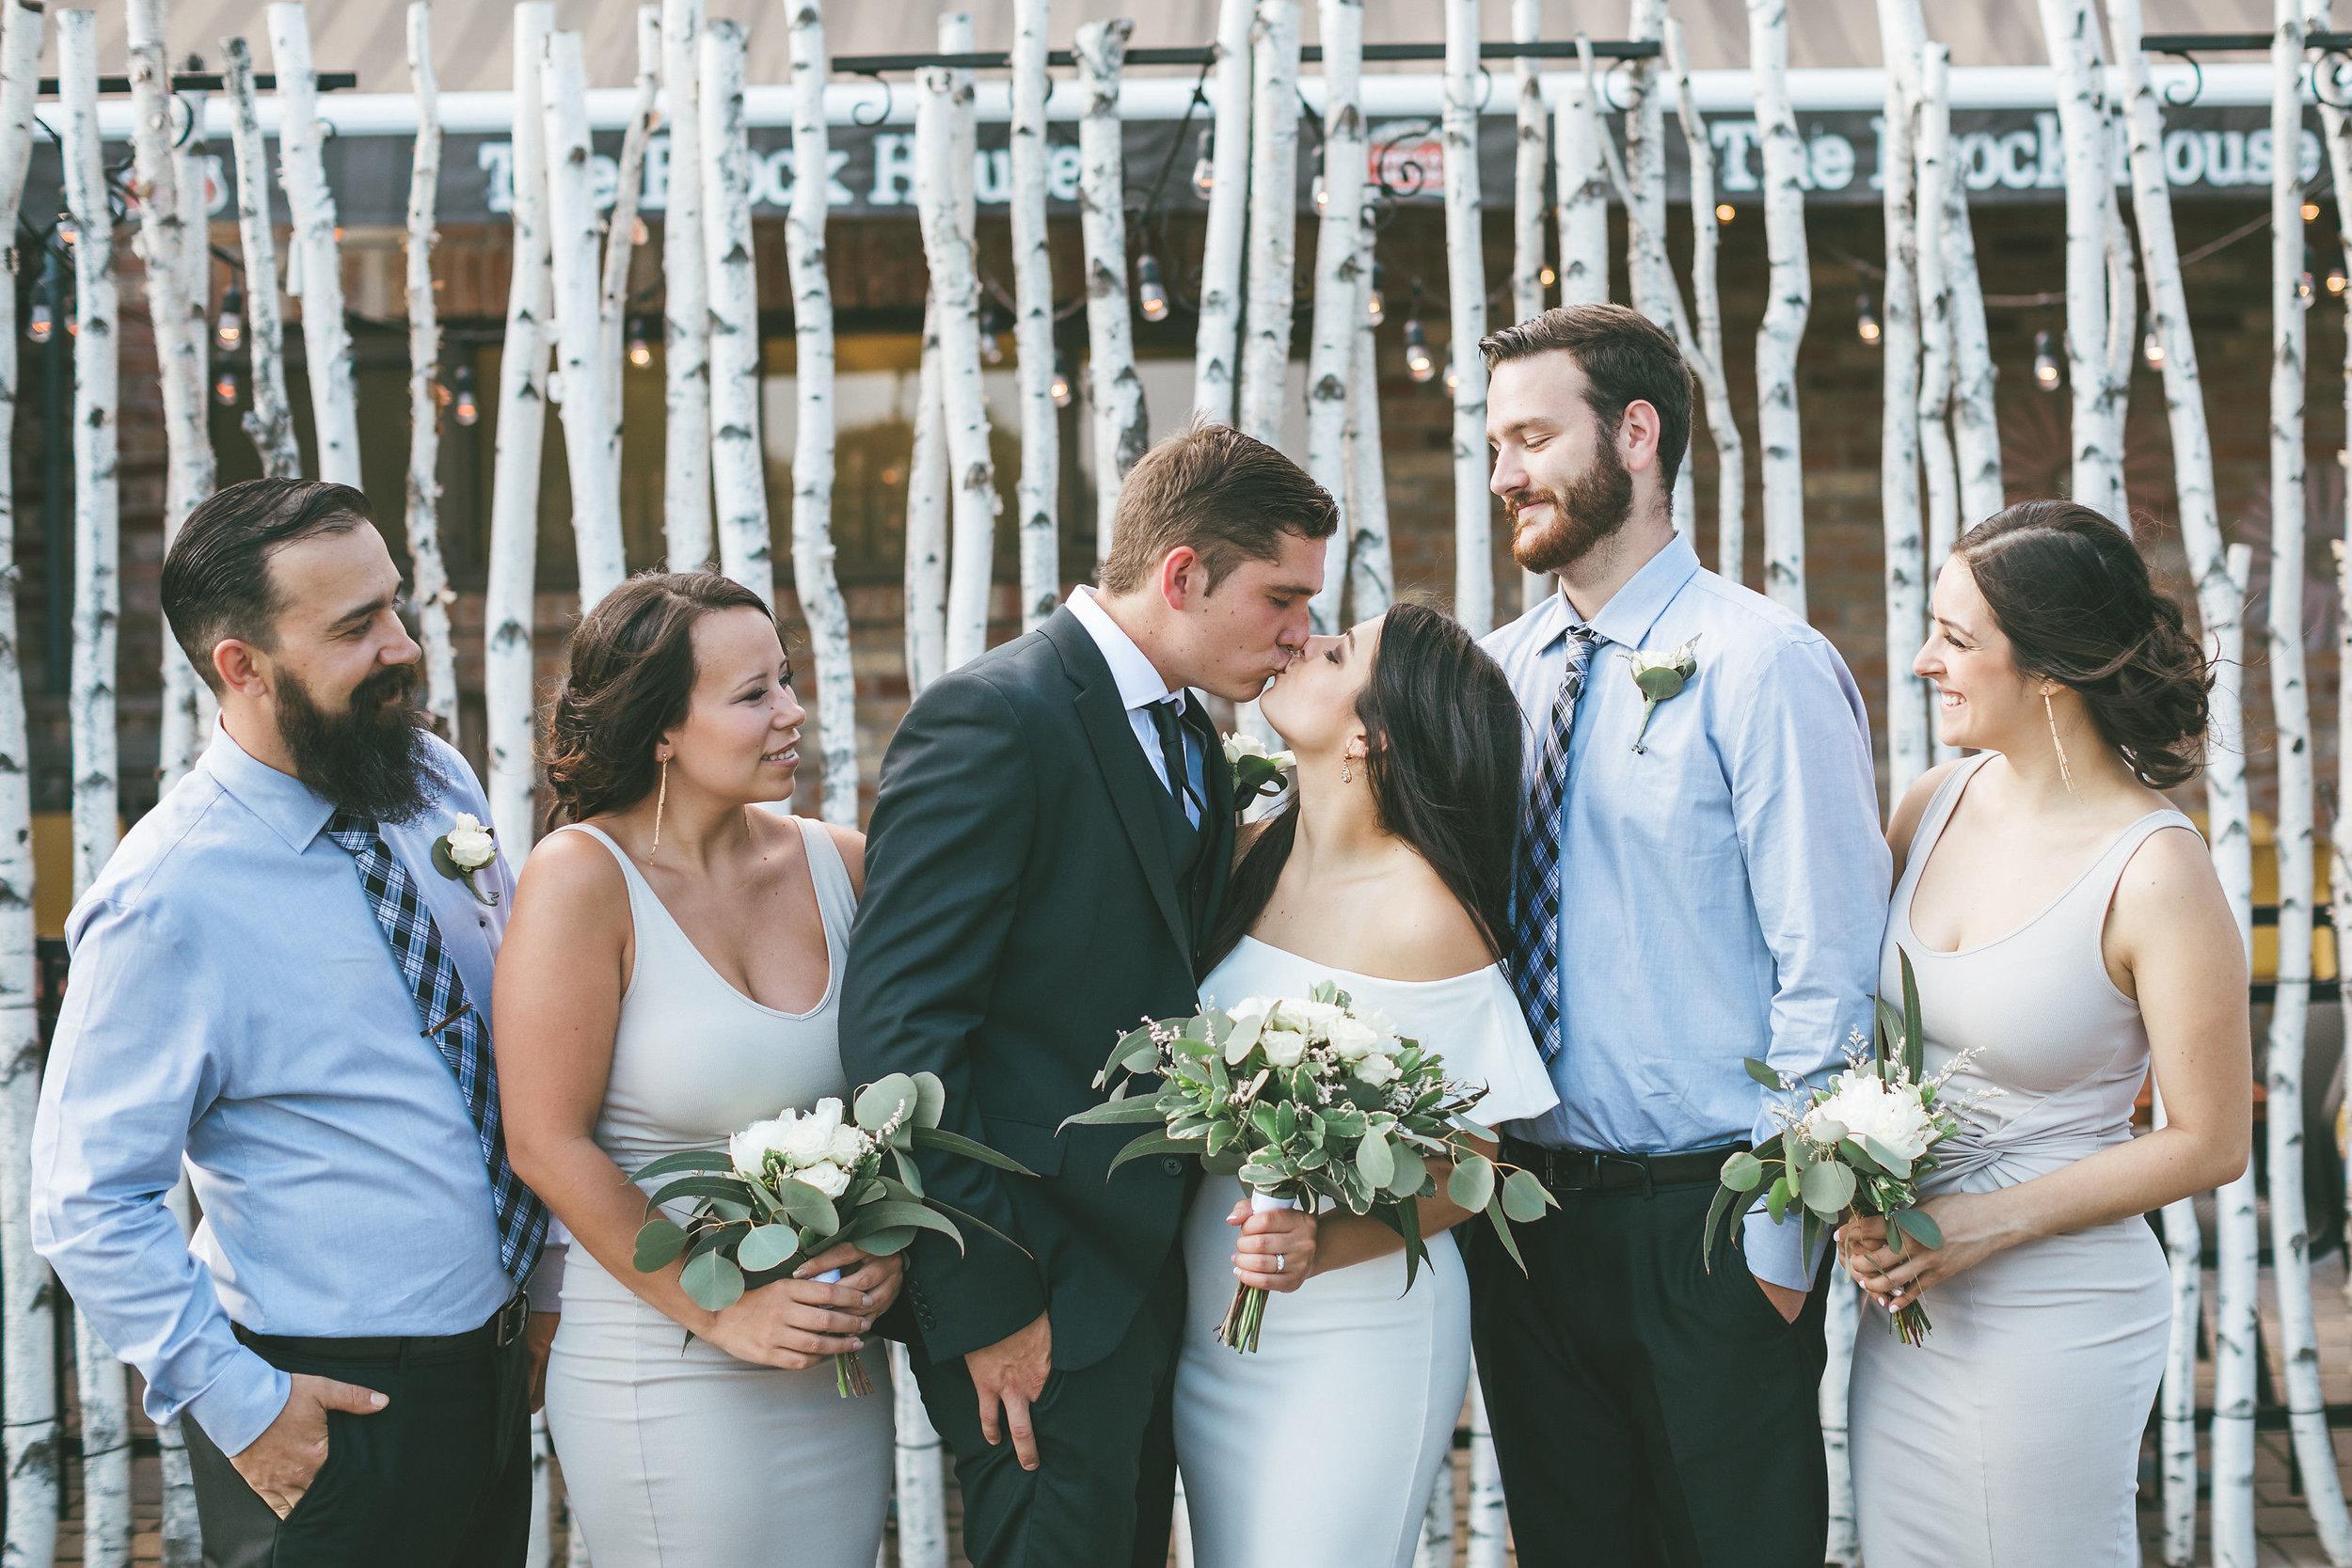 julie___kyle_wedding___lifesreel_danielcaruso___0442.jpg